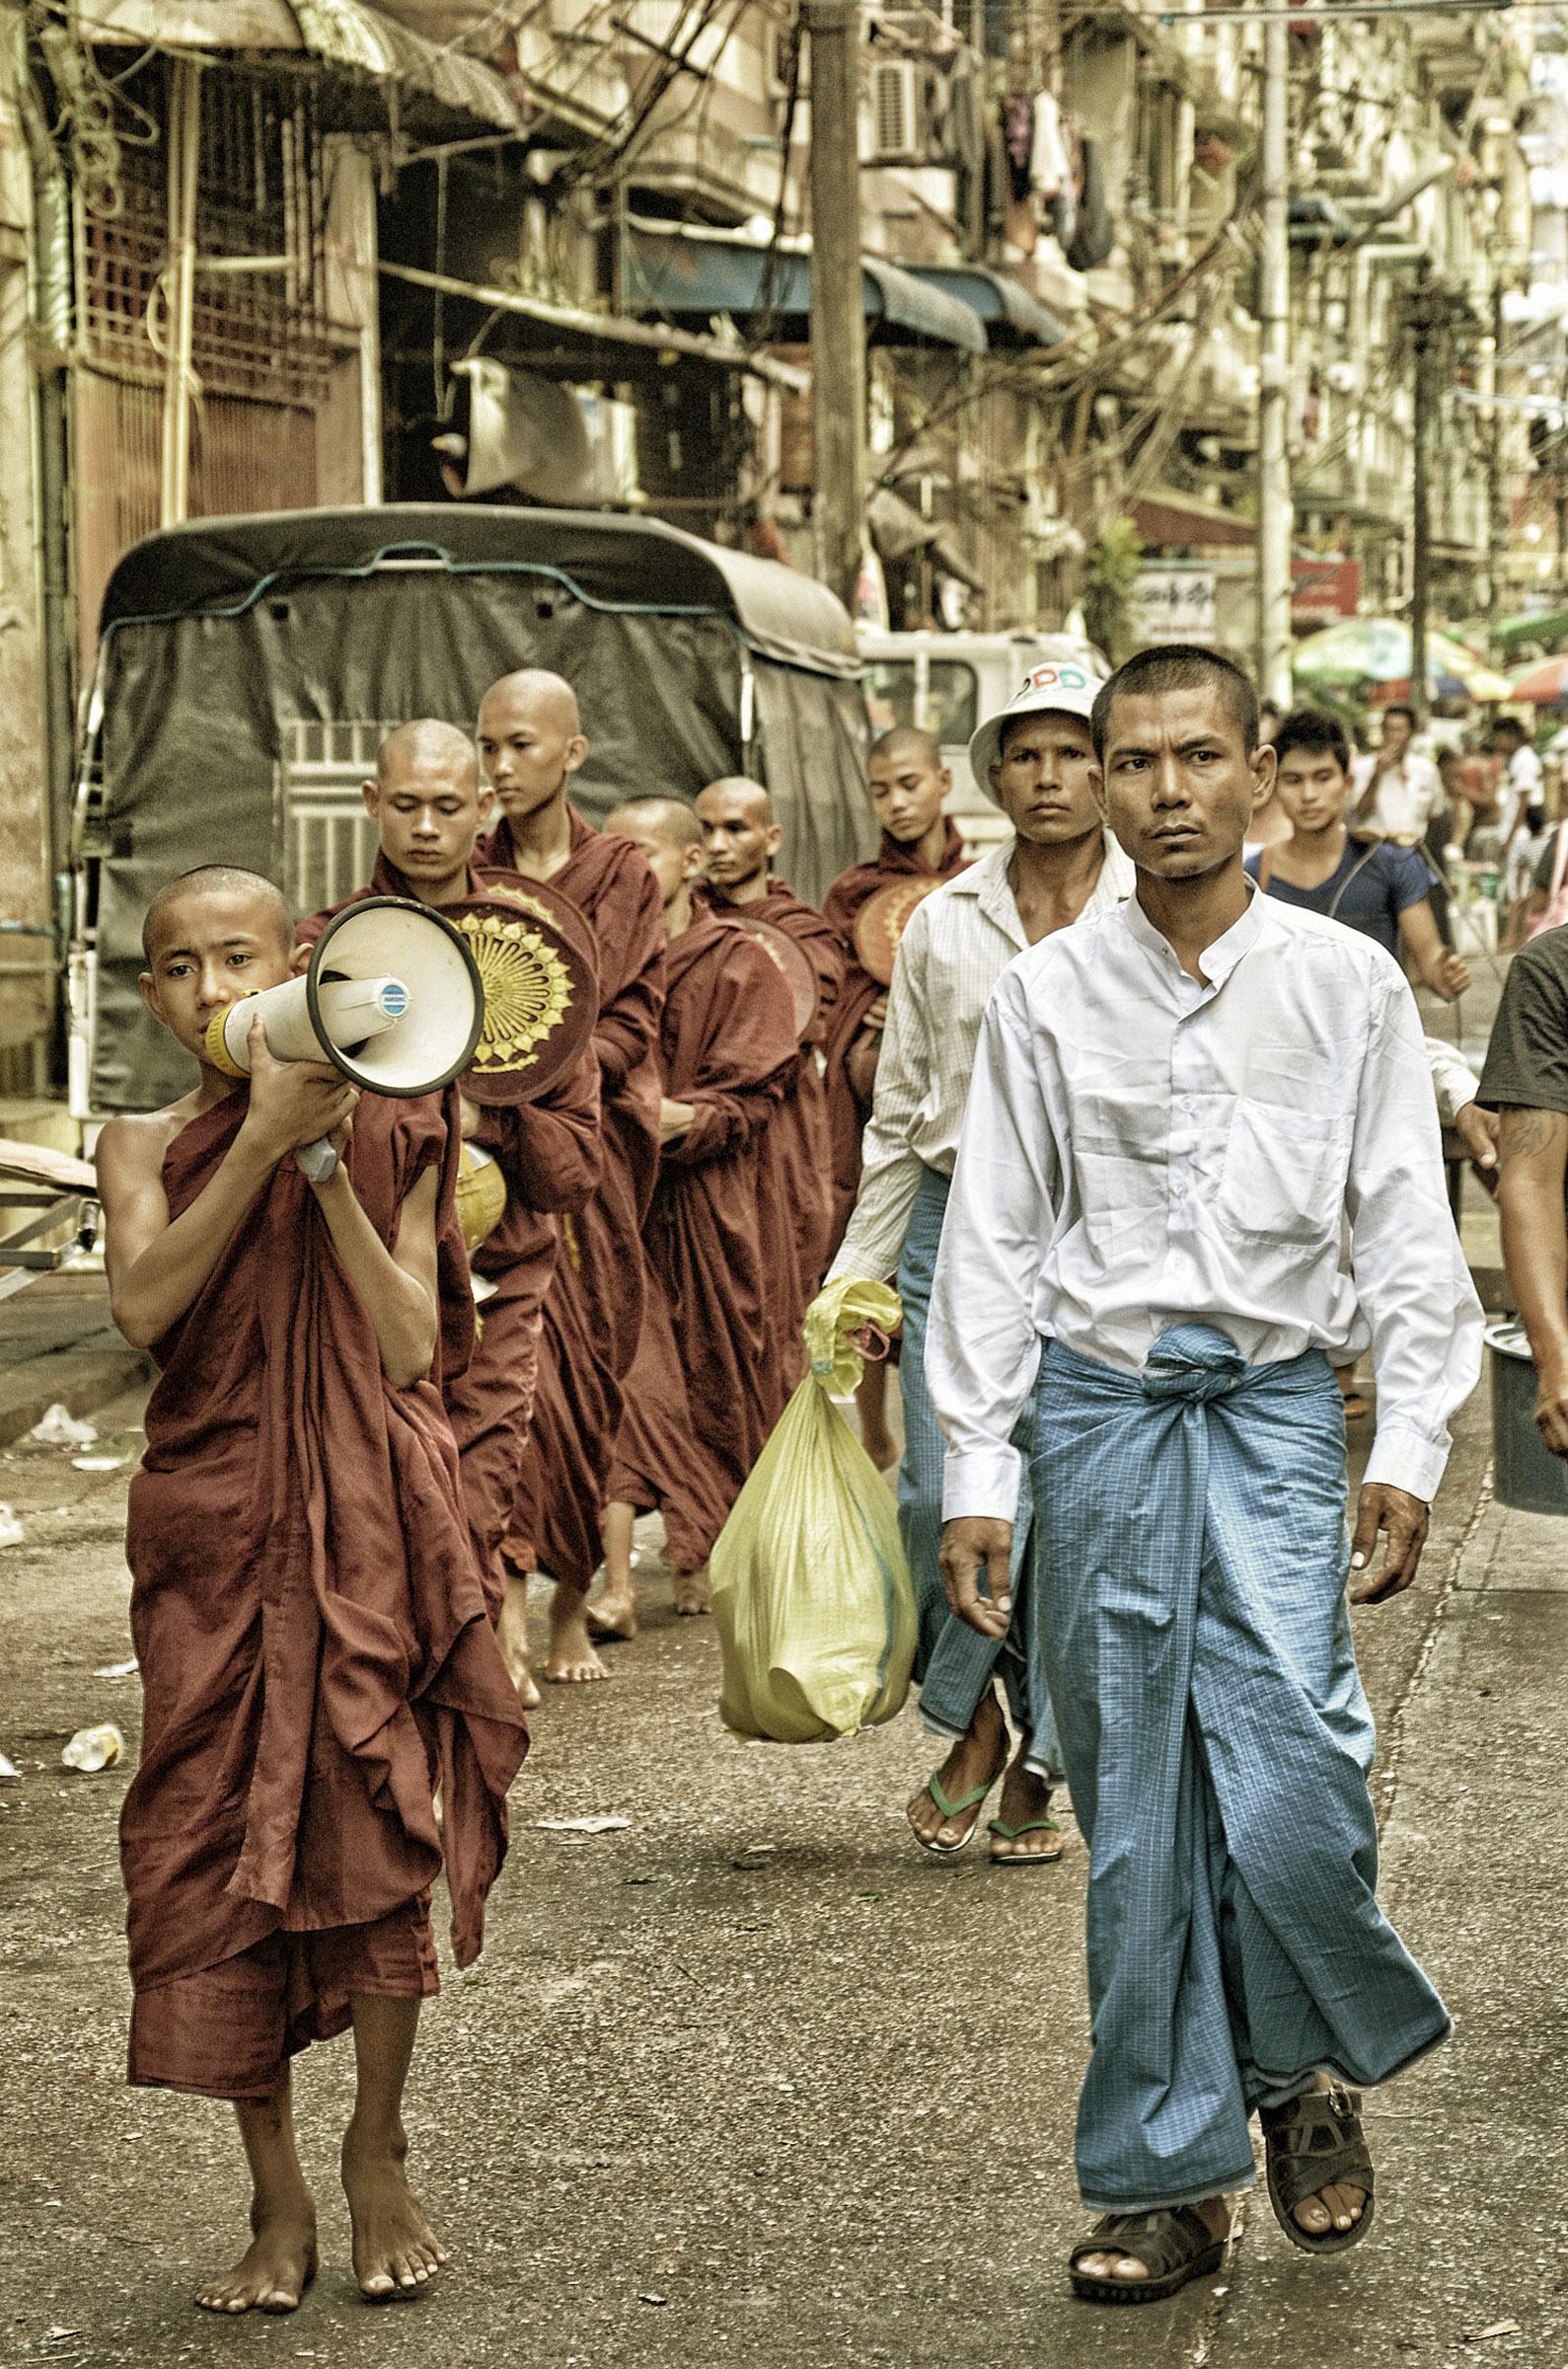 Buddhista szerzetesek adománygyűjtő körúton; jobboldalt burmai férfiak megszokott viseletükben, a derekuk köré tekert szárongban